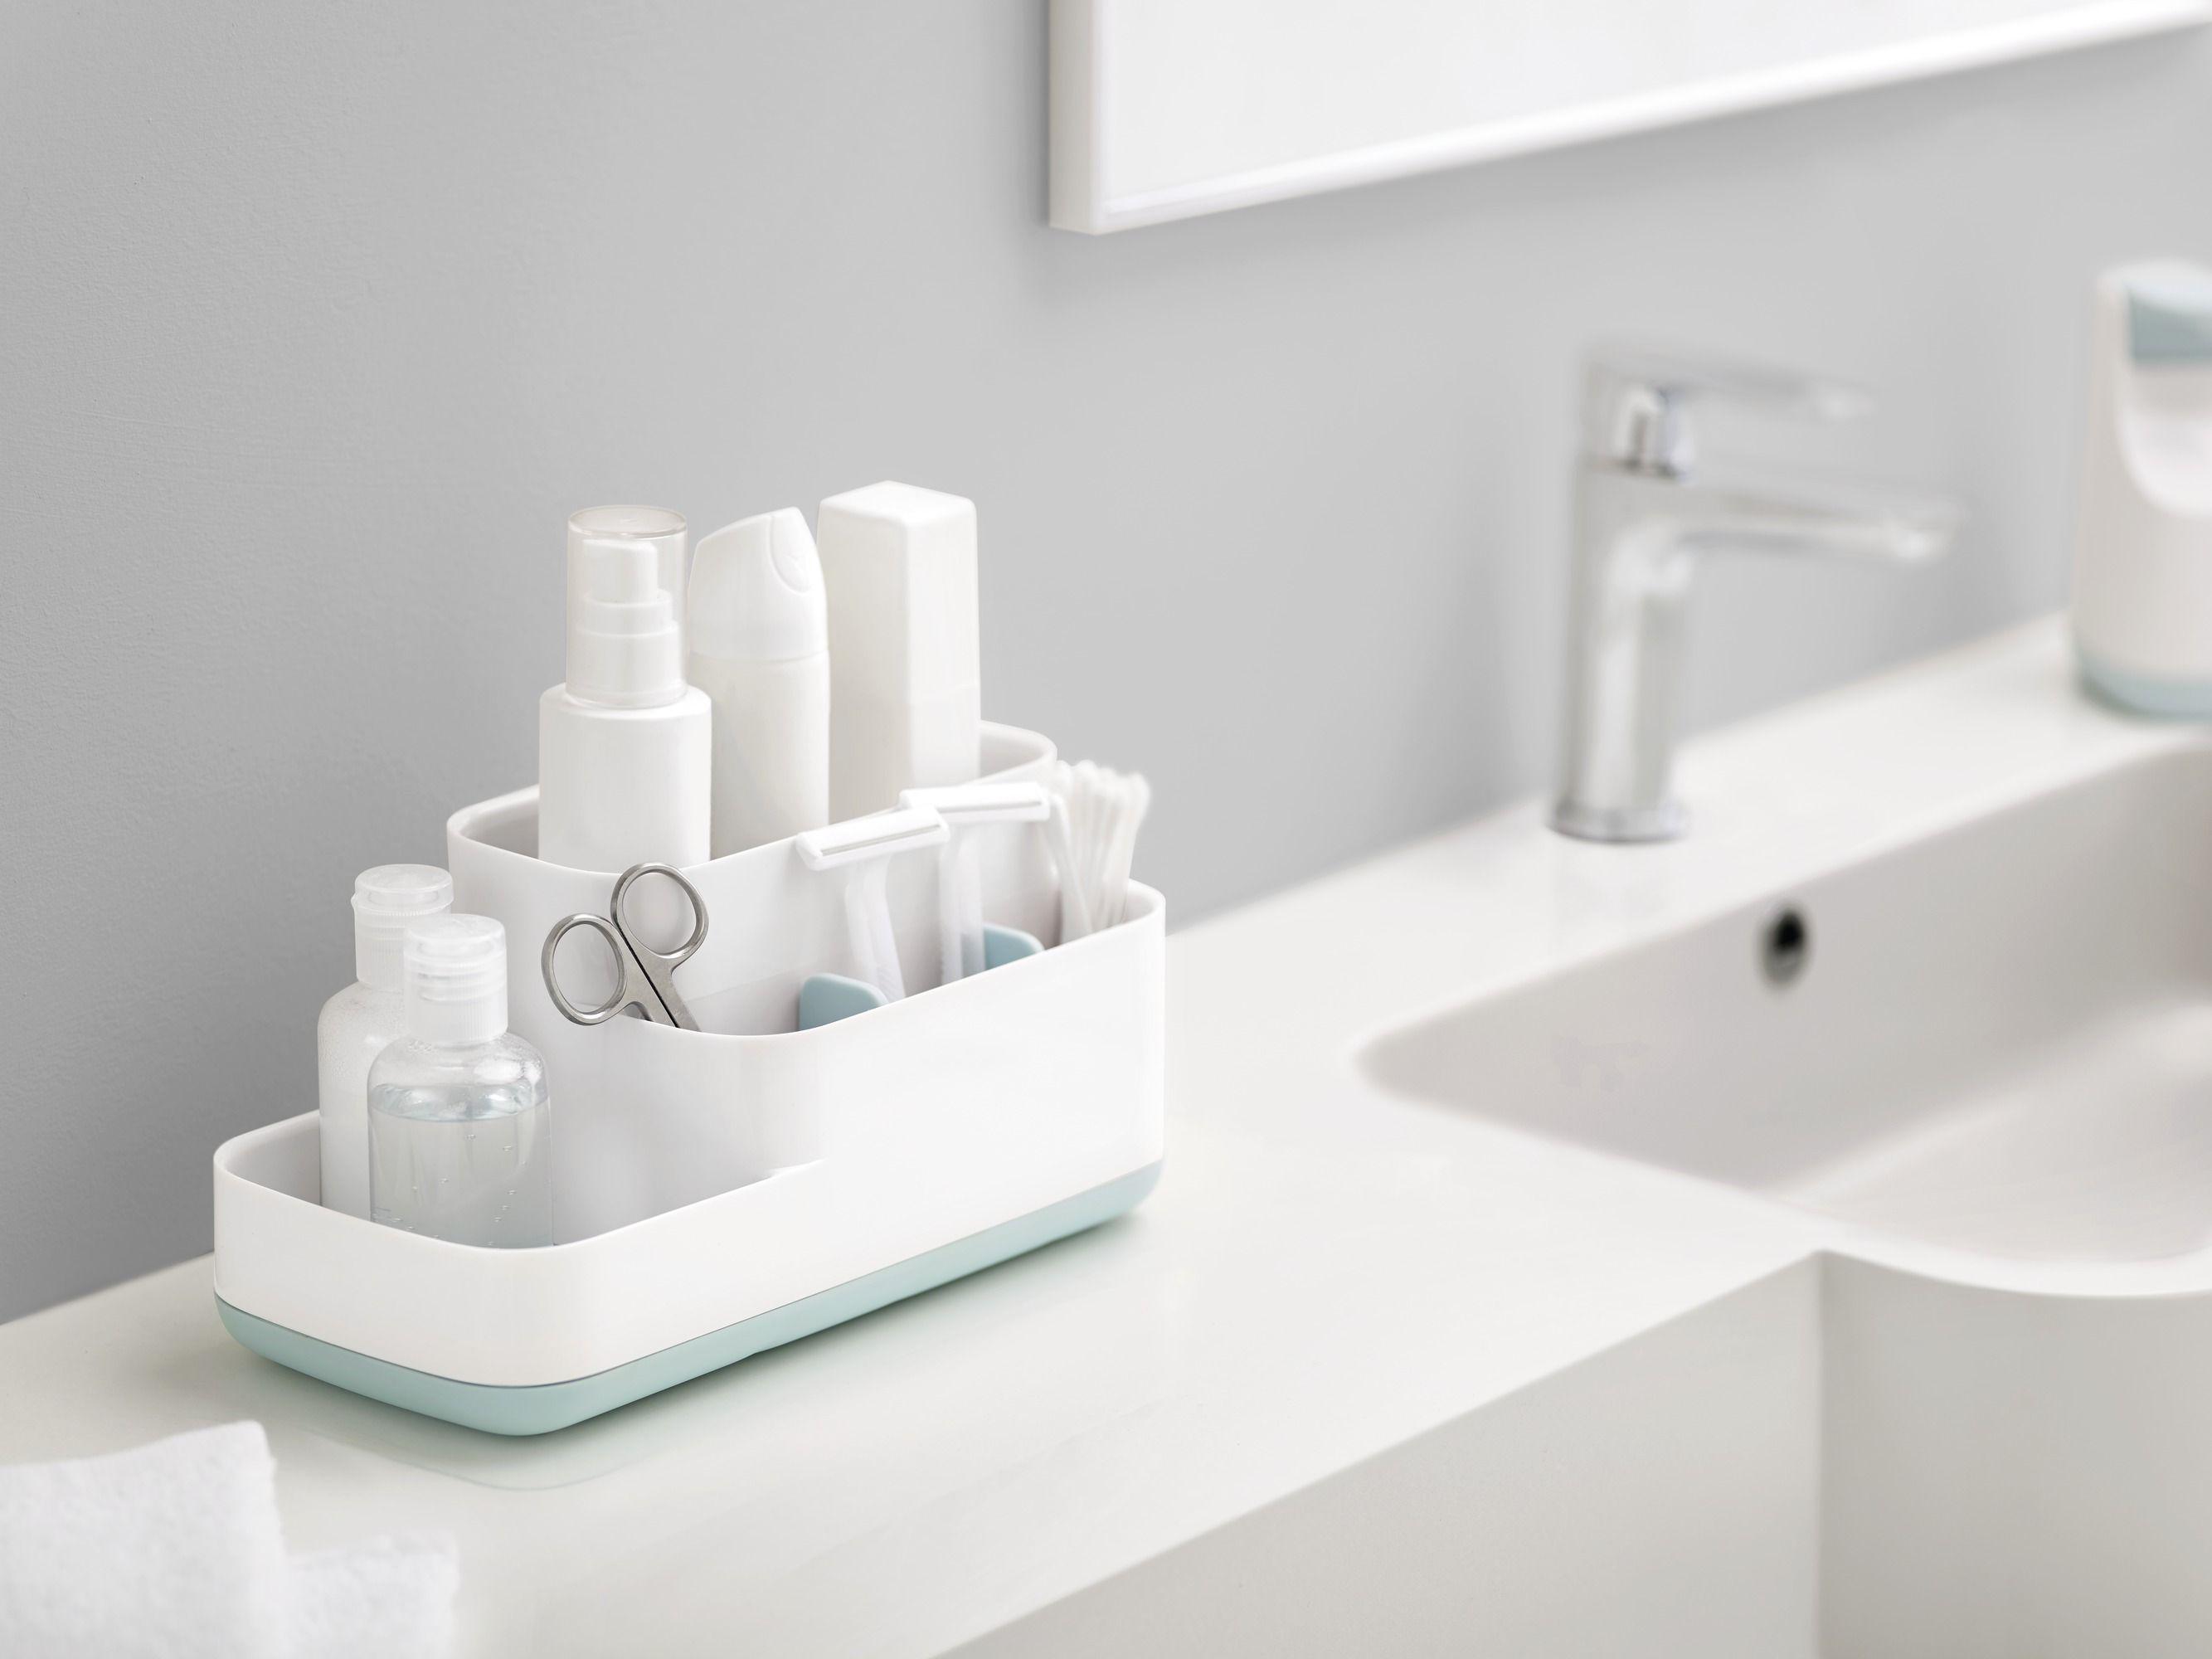 organiseur easy store pour salle de bain 5. Black Bedroom Furniture Sets. Home Design Ideas